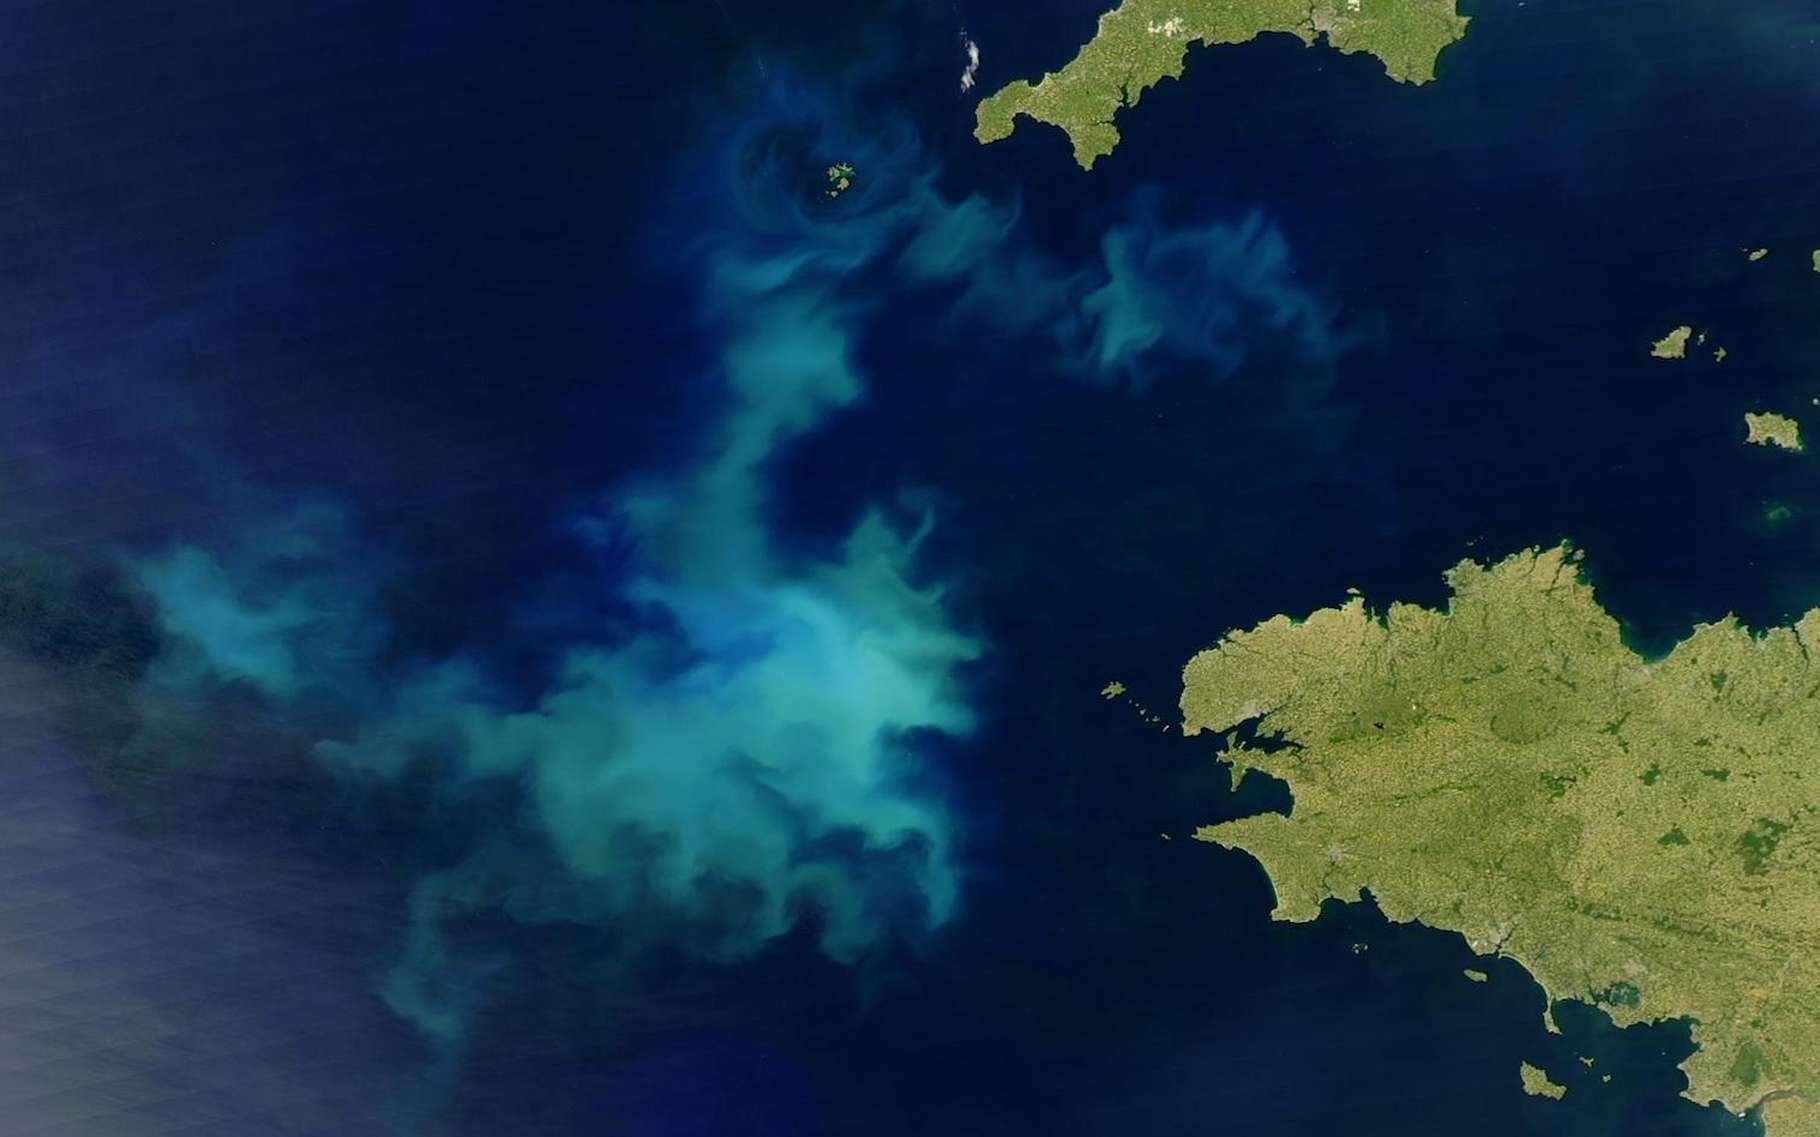 Les coccolithophores sont des organismes unicellulaires tellement nombreux dans les océans que leur floraison est visible depuis l'espace, ici au large de la Bretagne. La bonne nouvelle – pour la chaîne alimentaire et le stockage du carbone –, c'est qu'ils semblent armés pour résister au réchauffement climatique. © Nasa